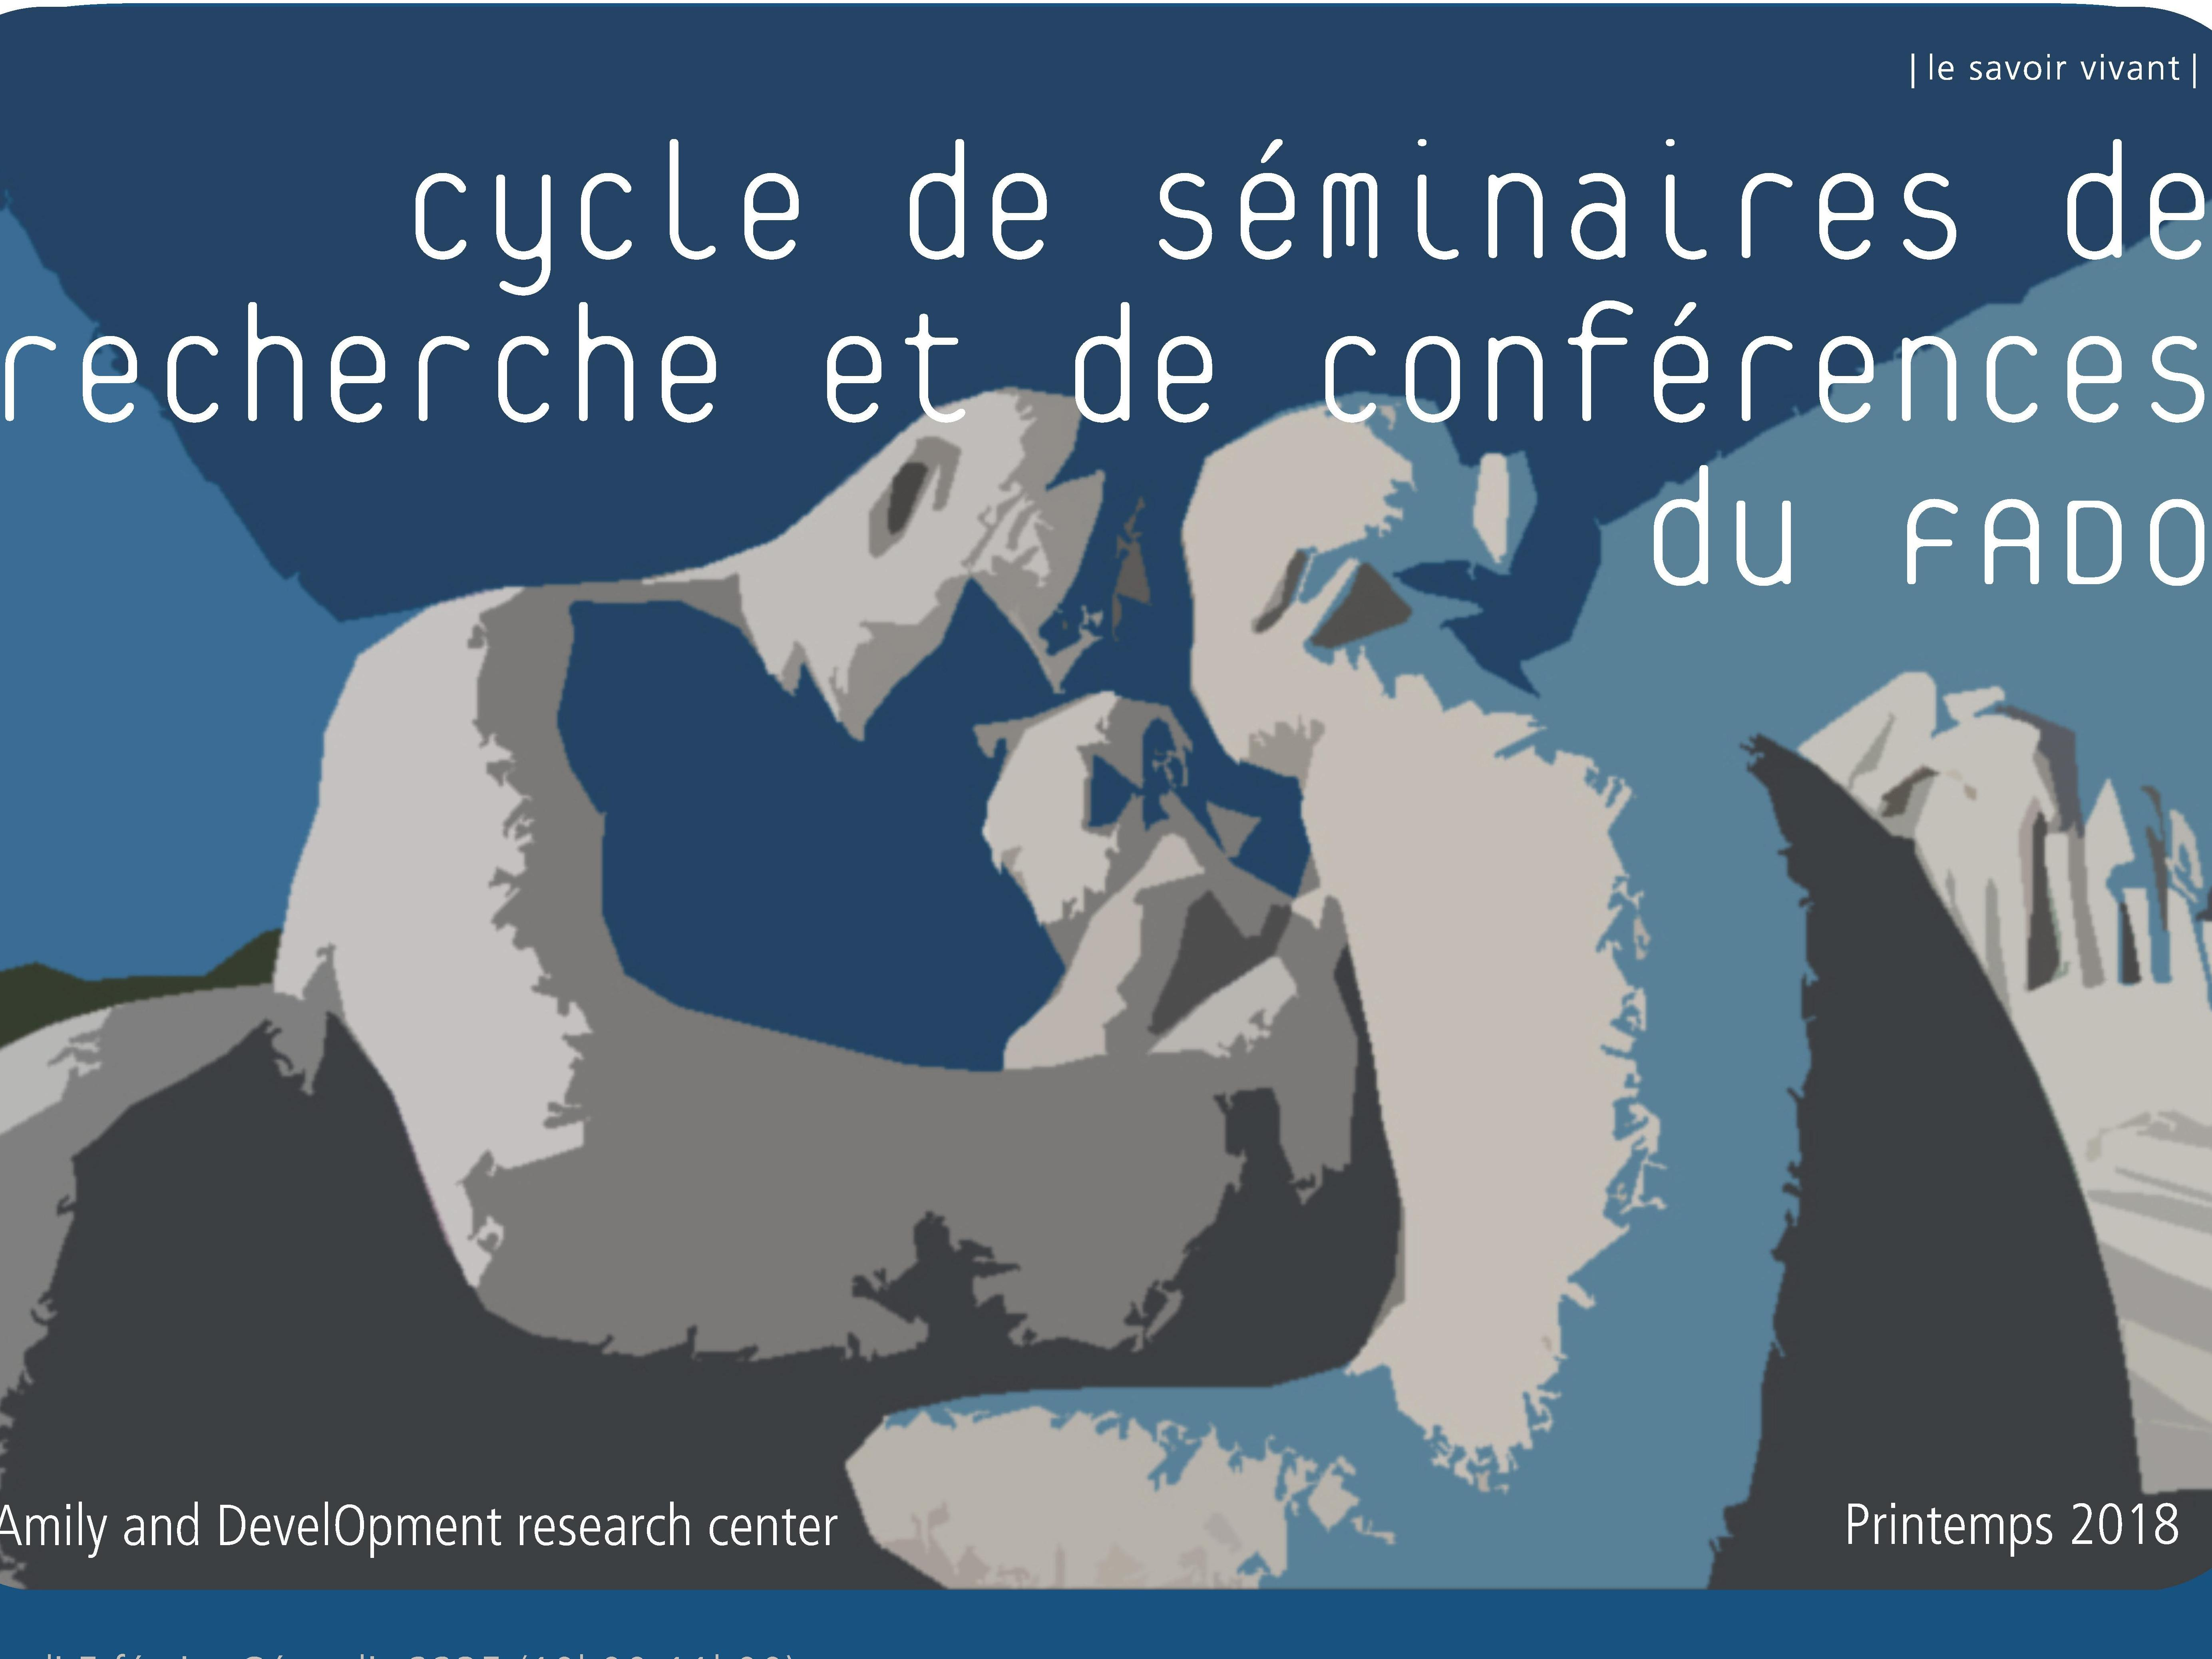 Cycle de séminaires de recherche et de conférences du FADO (Printemps 2018)